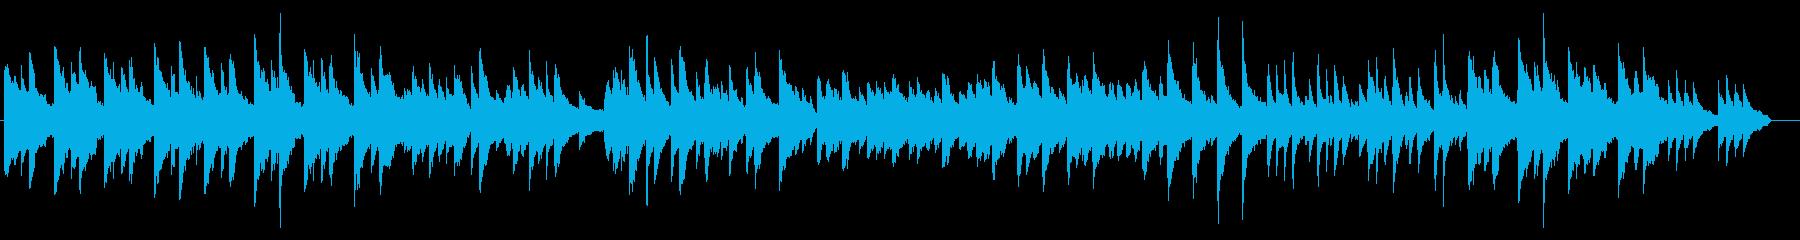 暖かな印象のある3拍子ピアノ曲の再生済みの波形